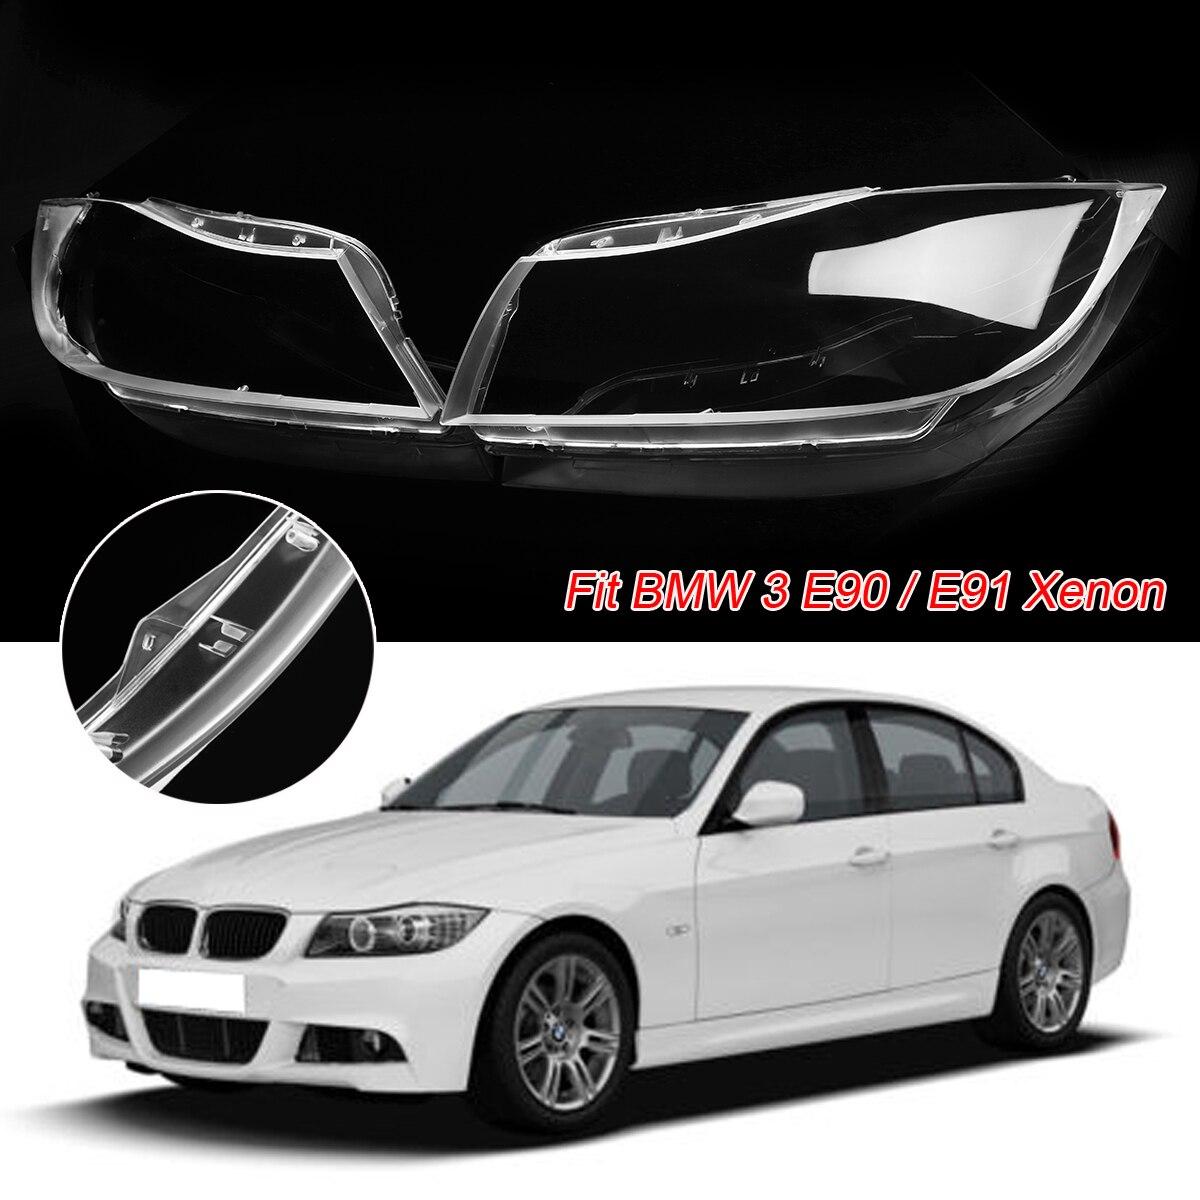 2 шт. фар линзы Пластик Обложка для BMW 3 E90 седан/E91 Touring только для ксенона Ясно фара Объектив охватывает в оболочке